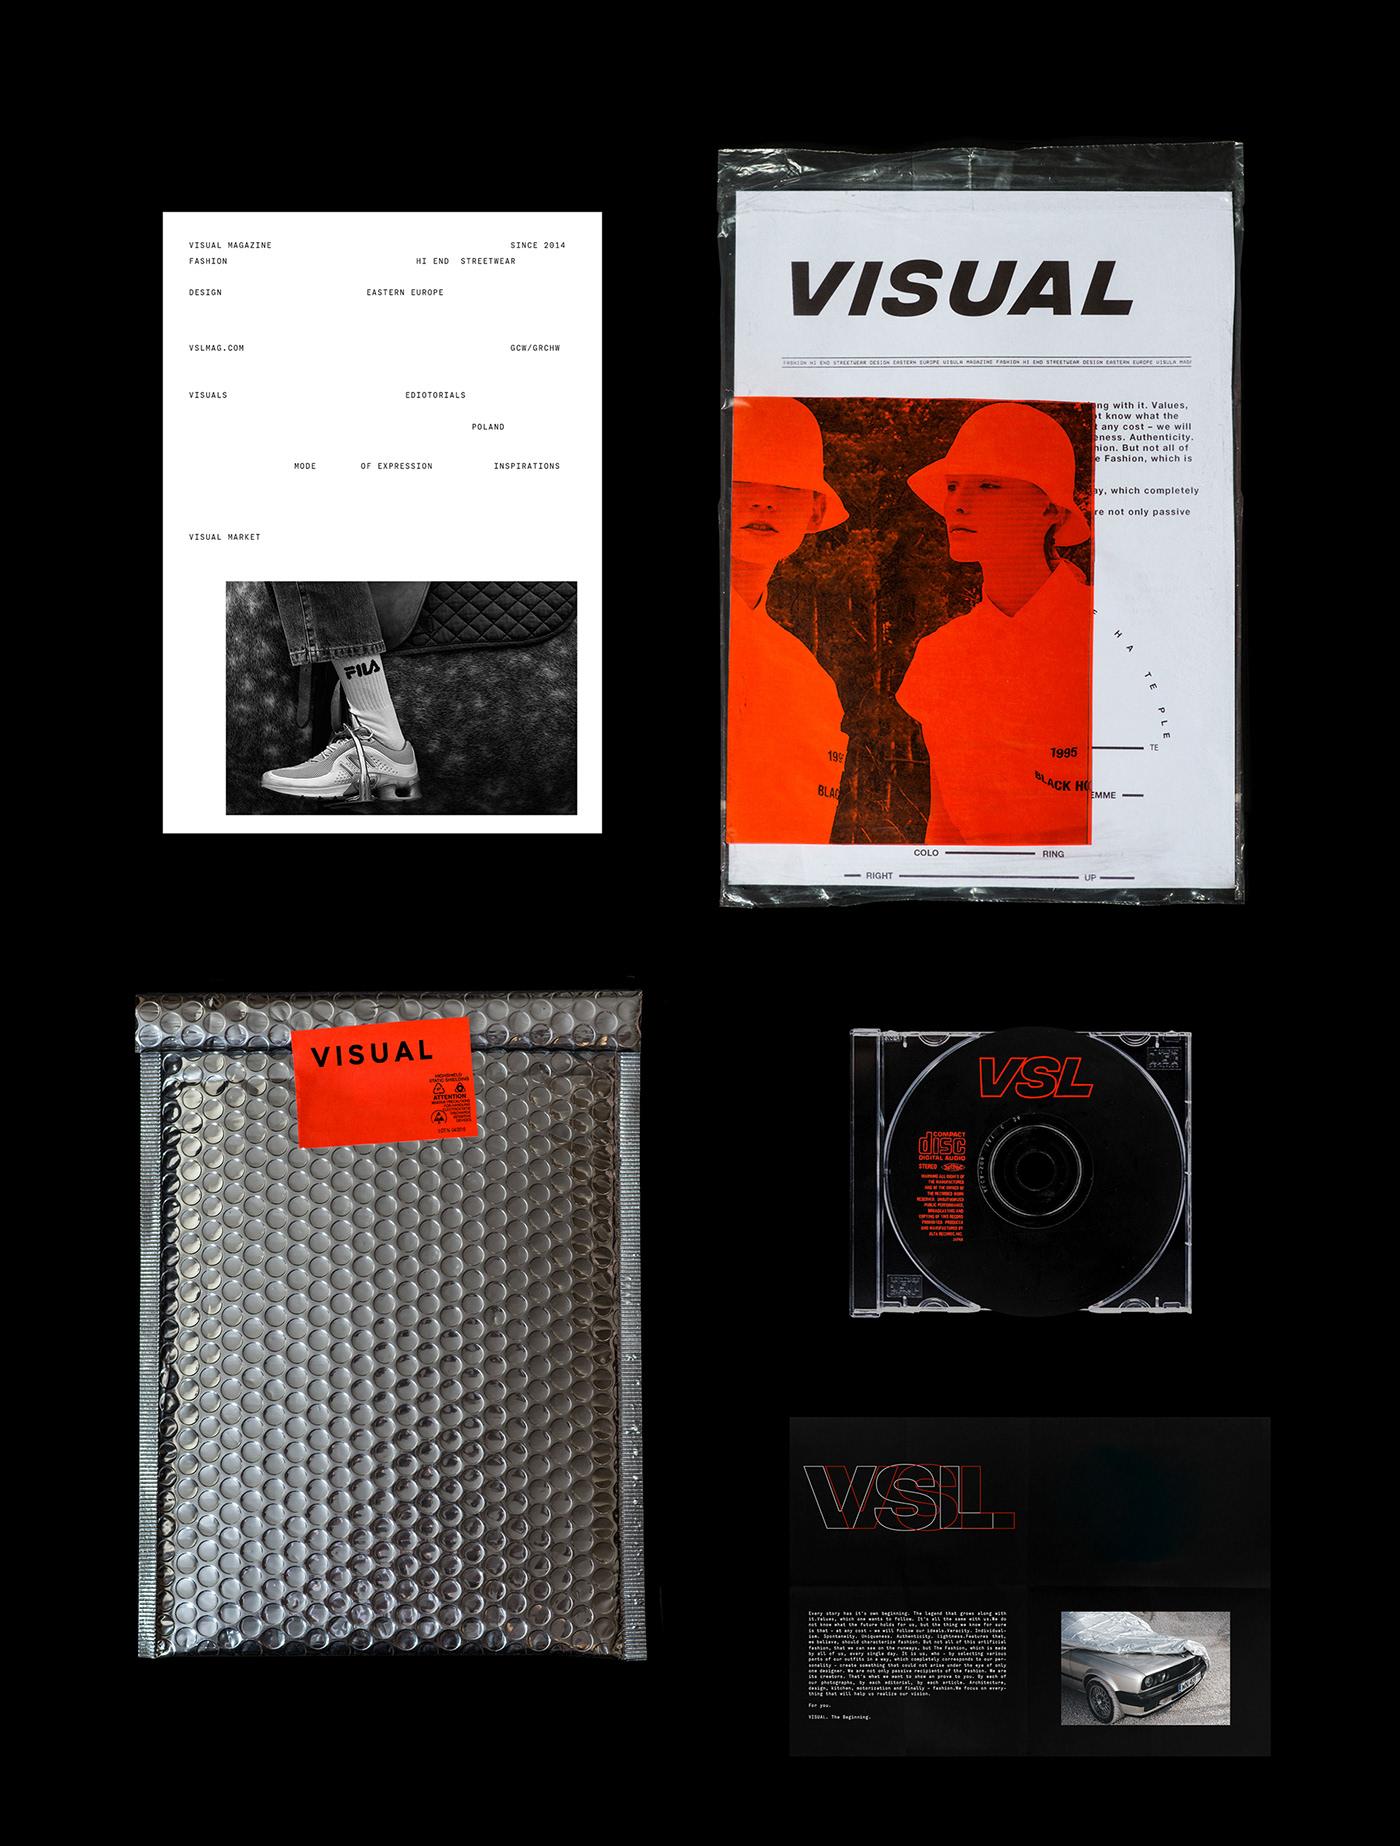 精緻的19張網頁設計欣賞